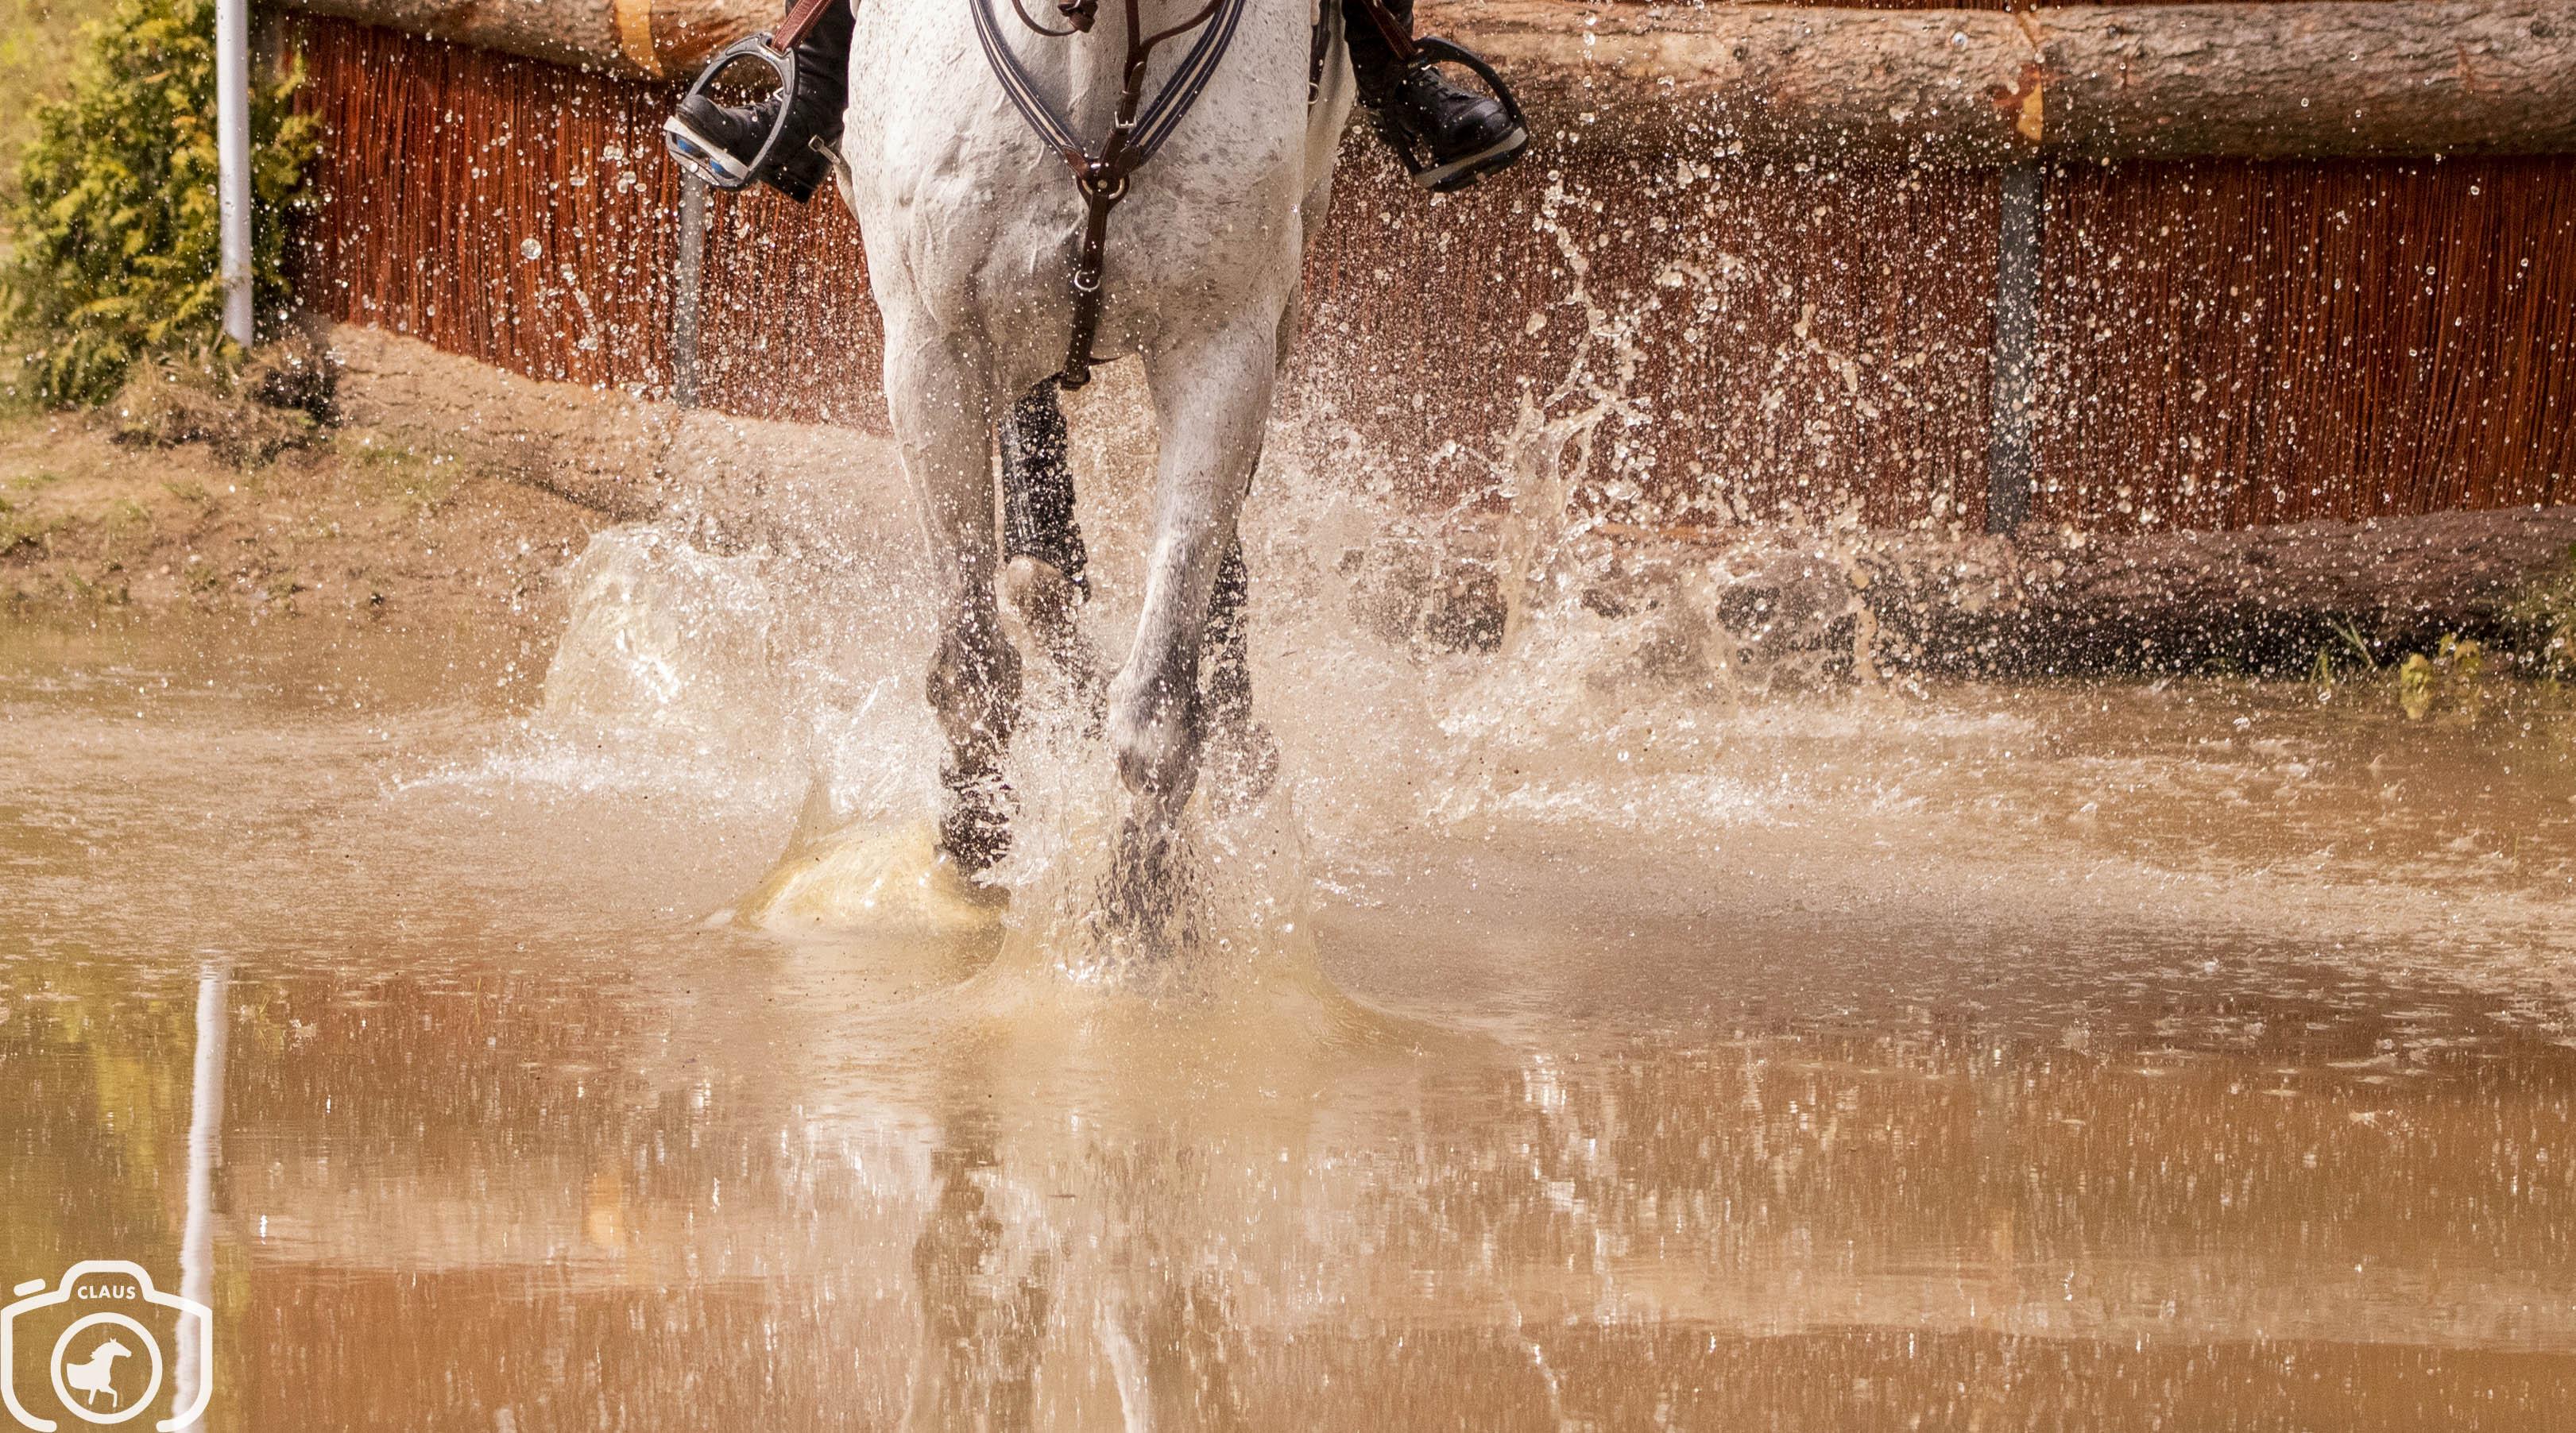 Dutch Open Eventing en Grandorse Horse Trials gaan samenwerking aan om eventingsport op nationaal en internationaal niveau te versterken